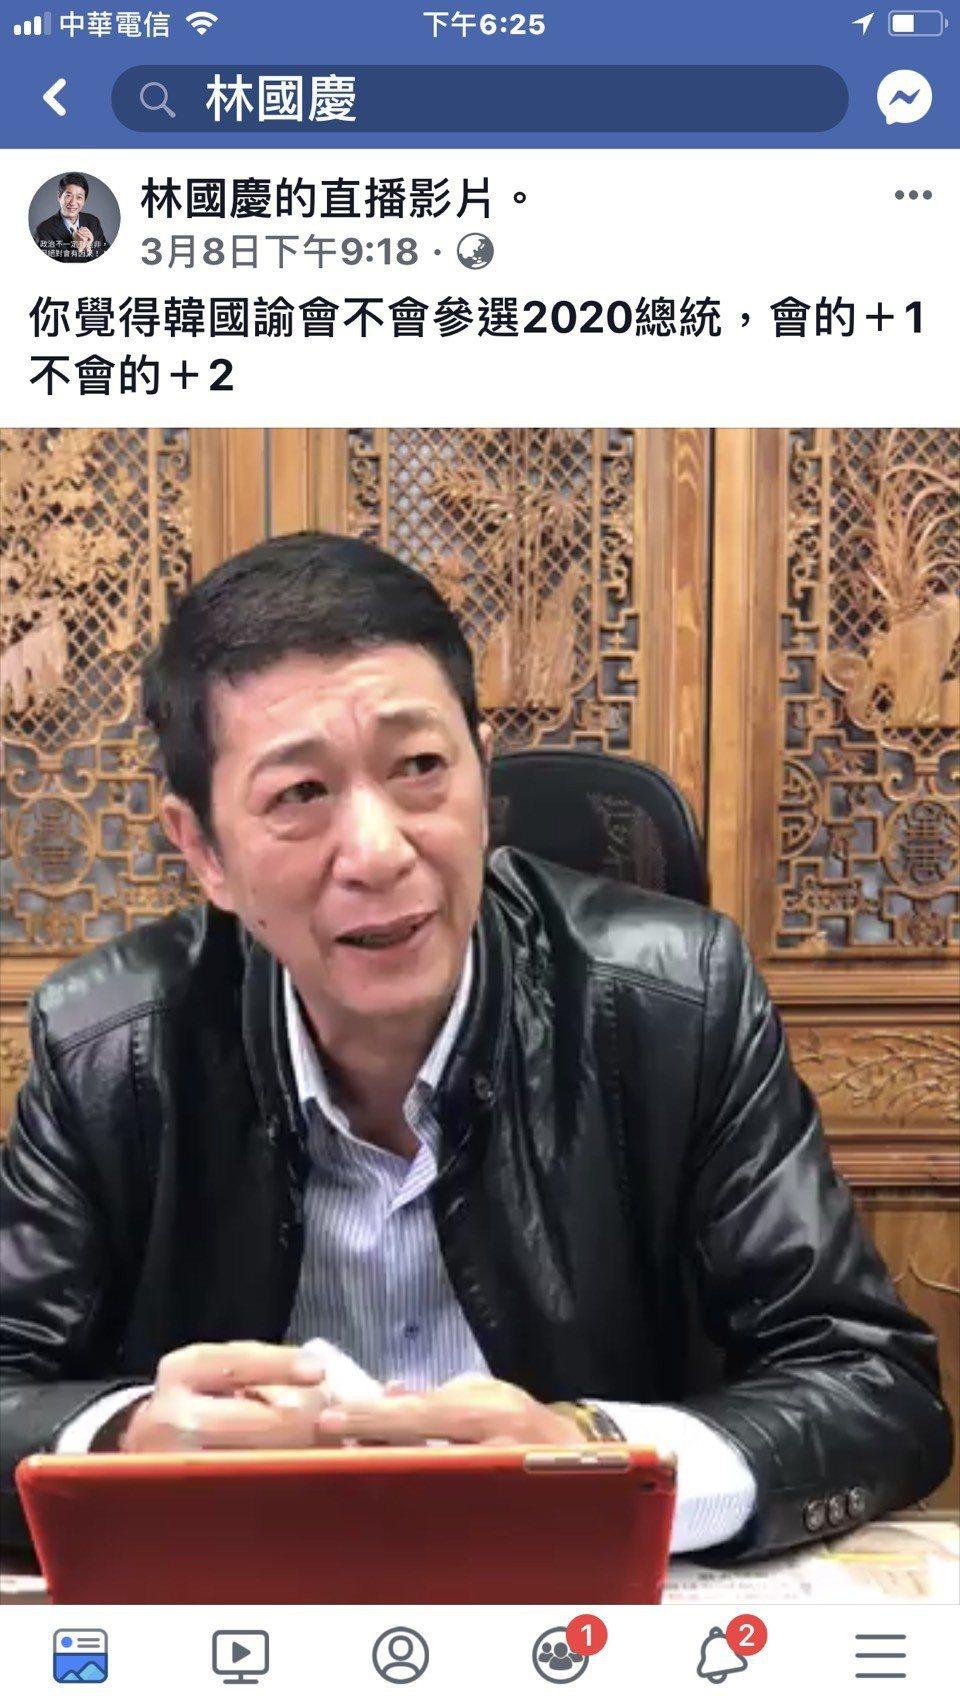 前立委林國慶在臉書直播賣玉石、首飾等,他會在直播時討論政治話題,增加互動性。圖/...